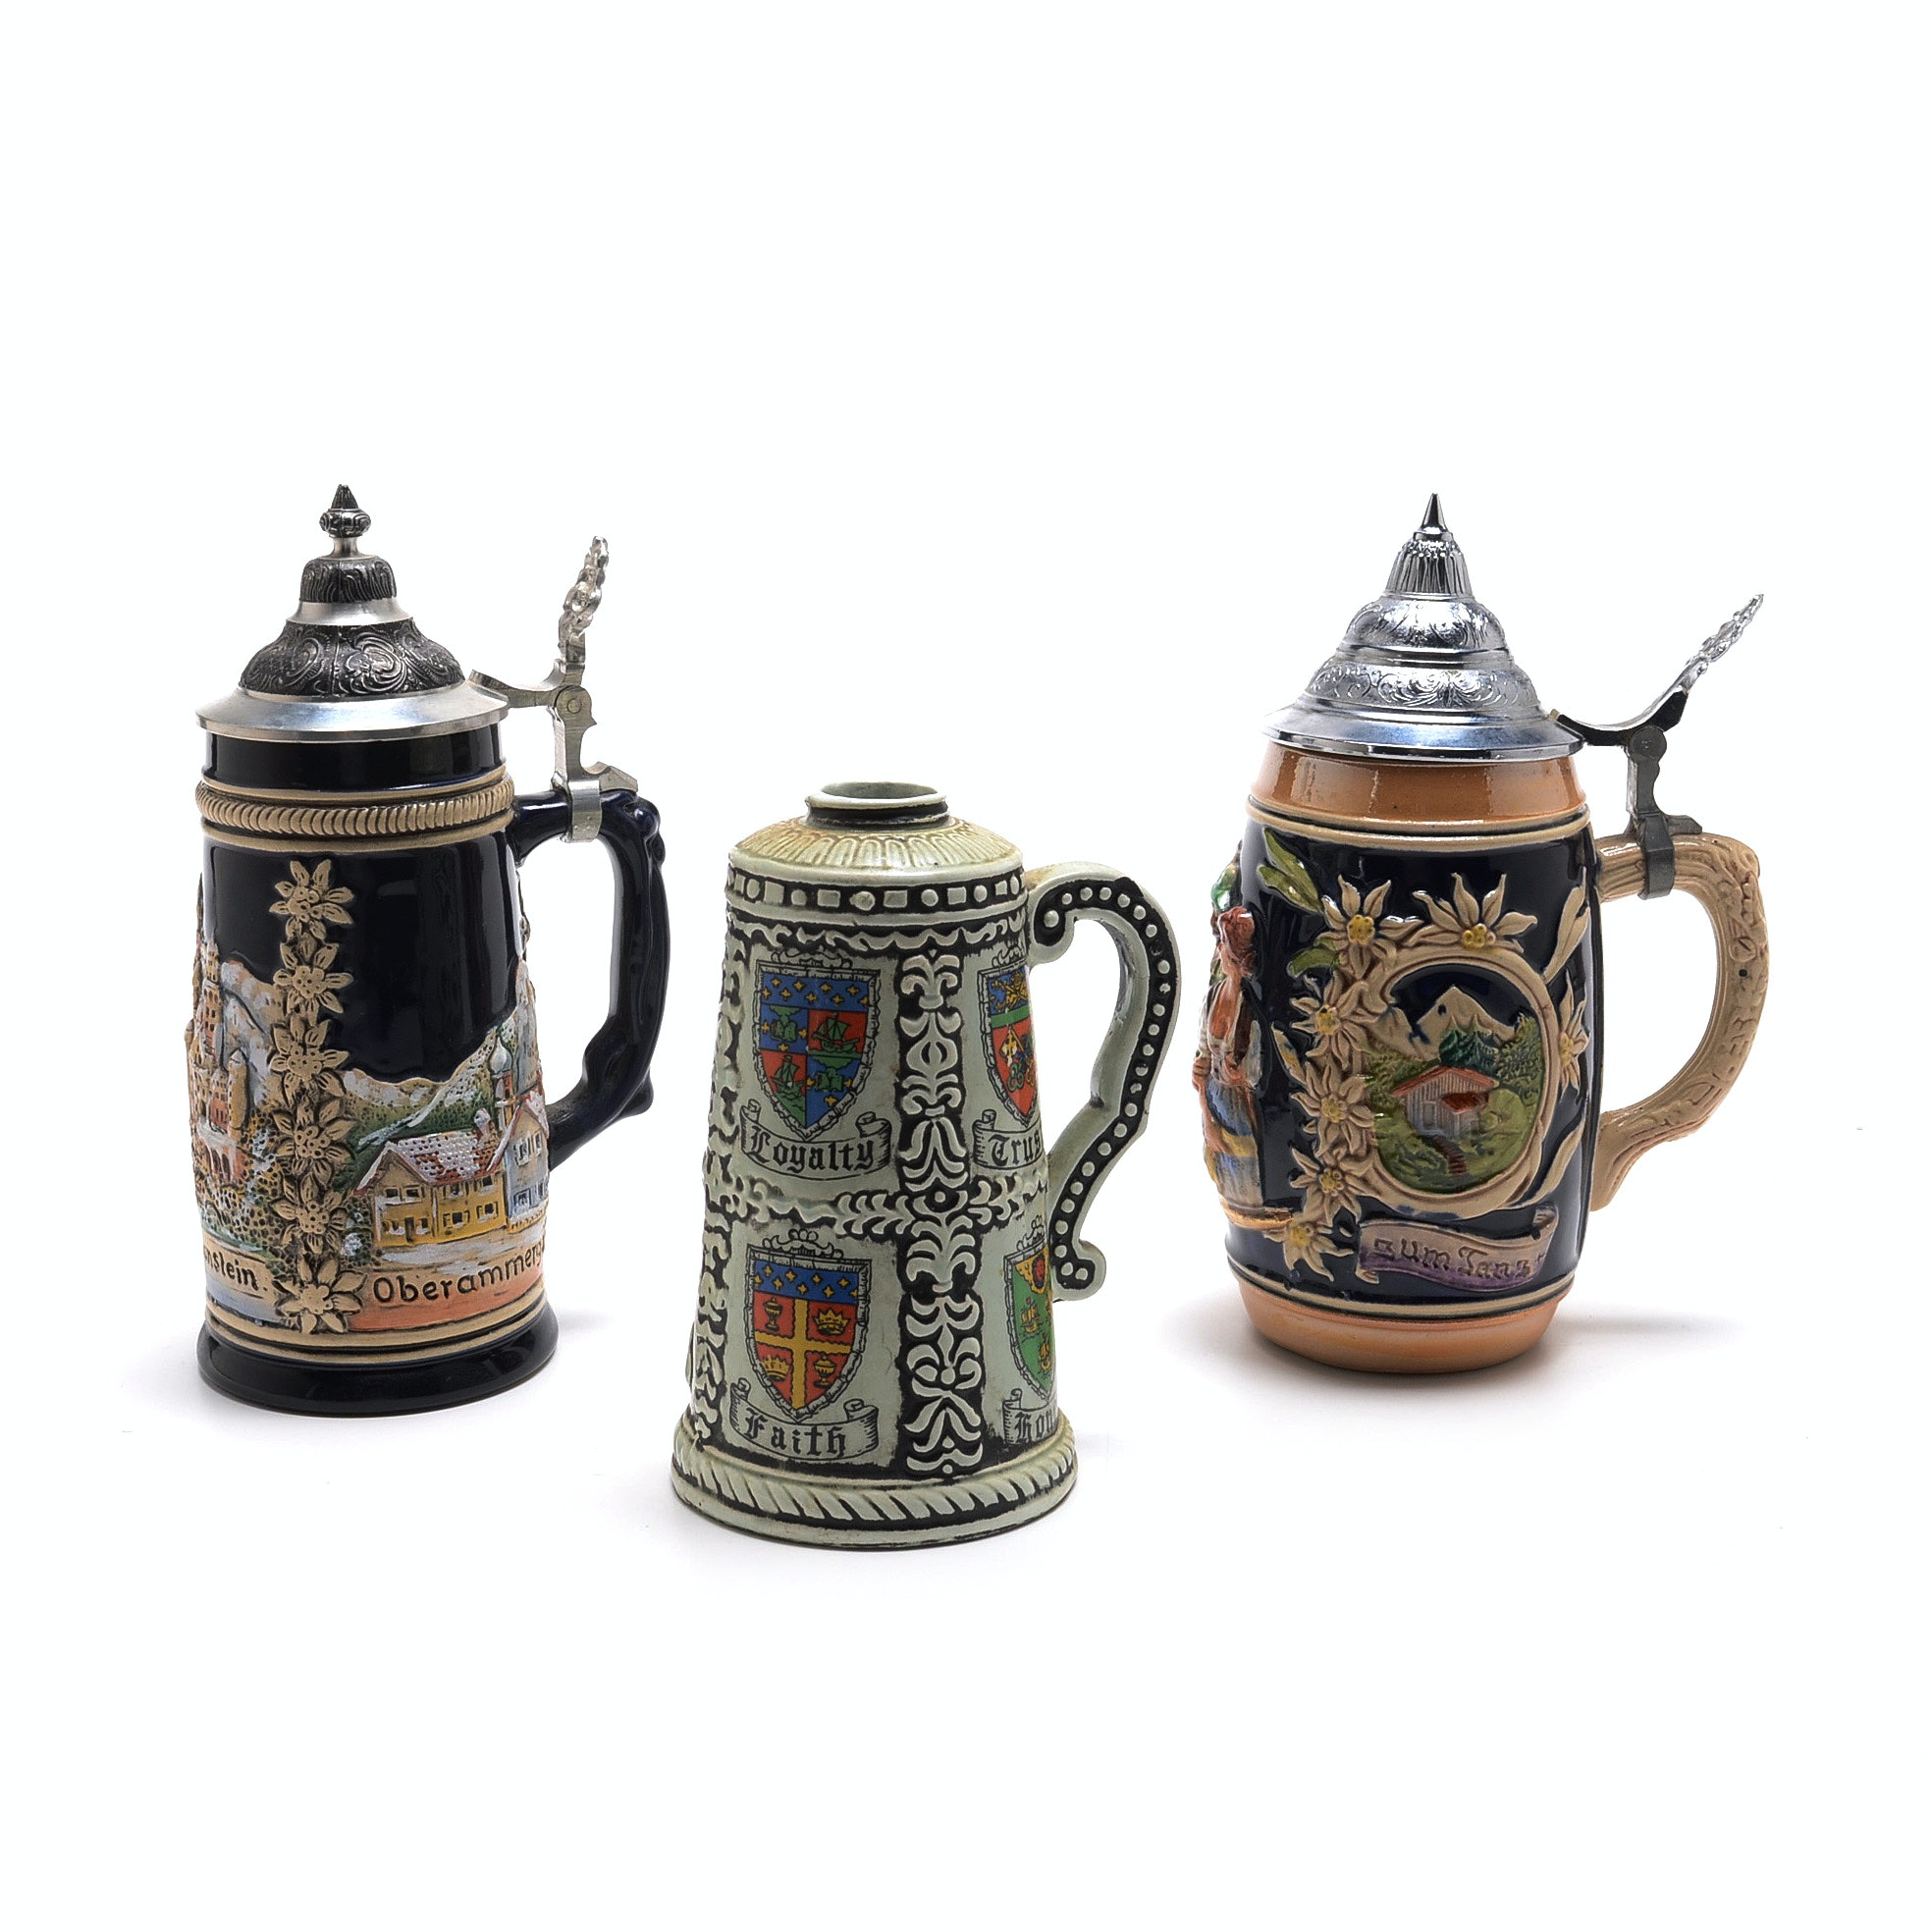 1 Liter Ceramic Beer Stein